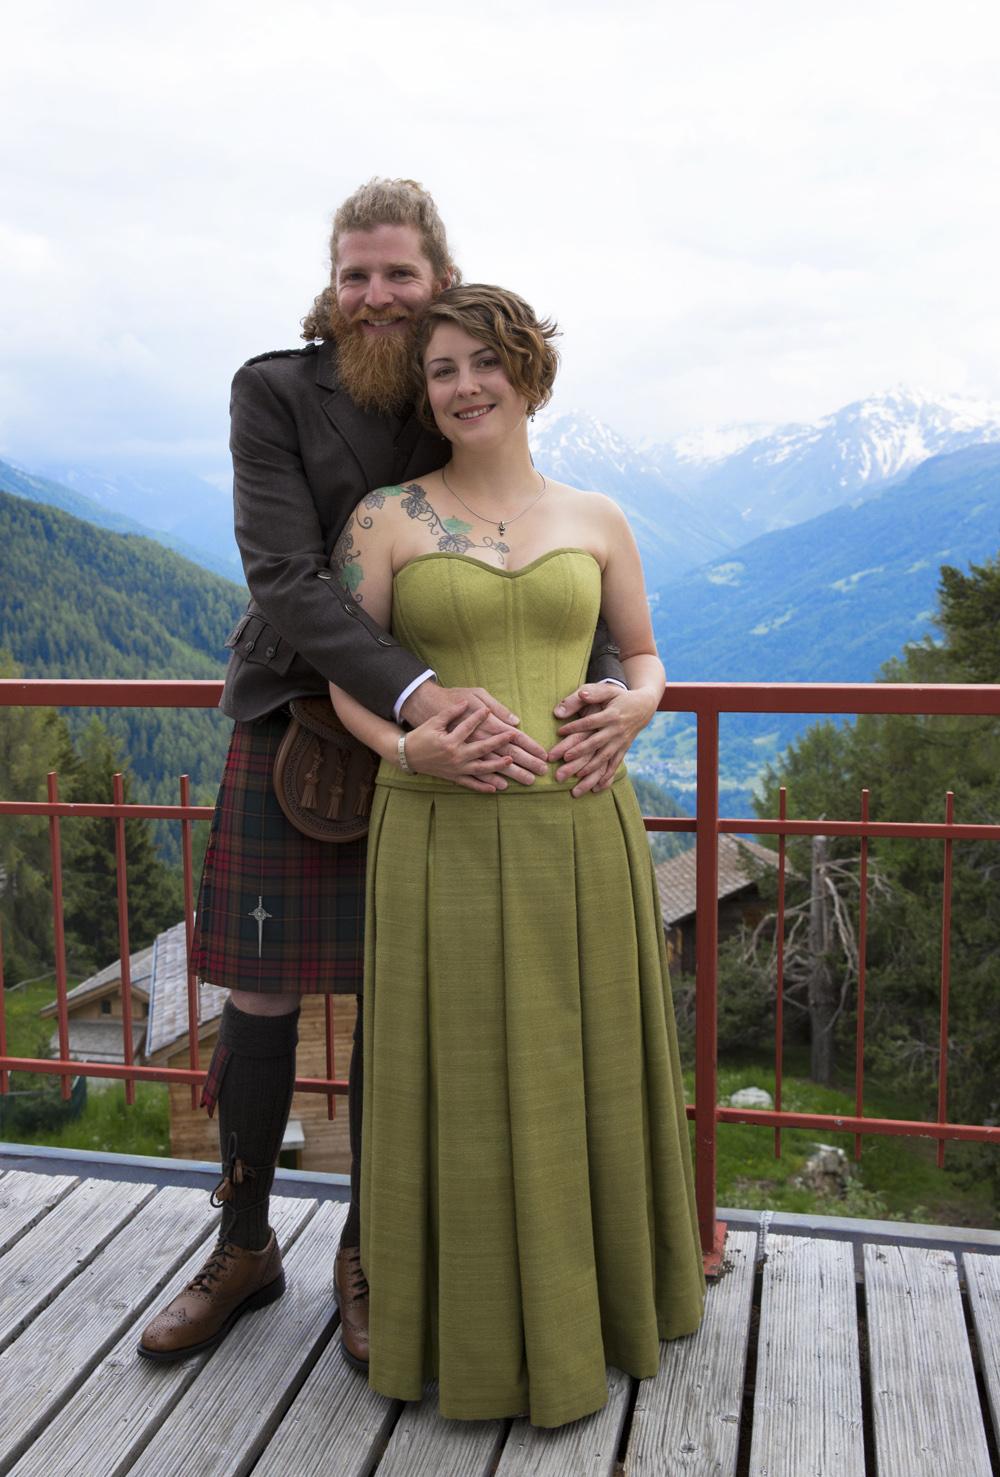 Hochzeitskorsett angefertigt von Beata Sievi. Wedding-corset by Beata Sievi Corset Artist